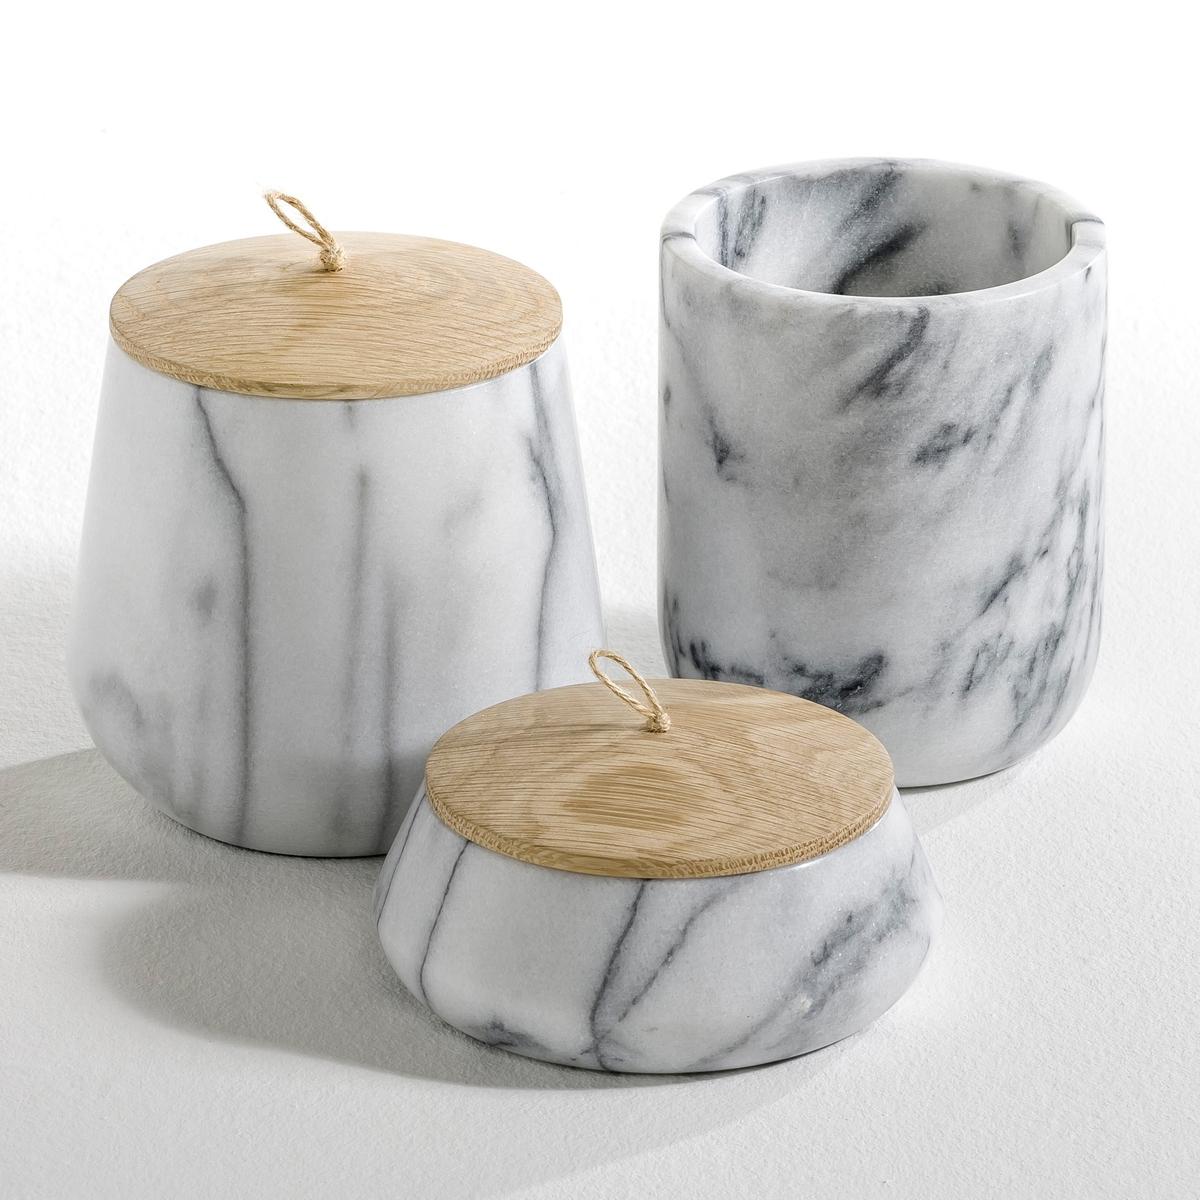 Горшок цветочный из мрамора, овальный В14 см, EdwaldГоршок цветочный из мрамора, Edwald. Подходит для хранения мелких предметов в кабинете, на кухне или в ванной !Характеристики: : - Выполнен из белого мрамора каждое изделие уникально, а рисунок на нем может отличаться от образца.Размеры  :- ?11,8 x В. 14 см.<br><br>Цвет: белый мрамор<br>Размер: единый размер